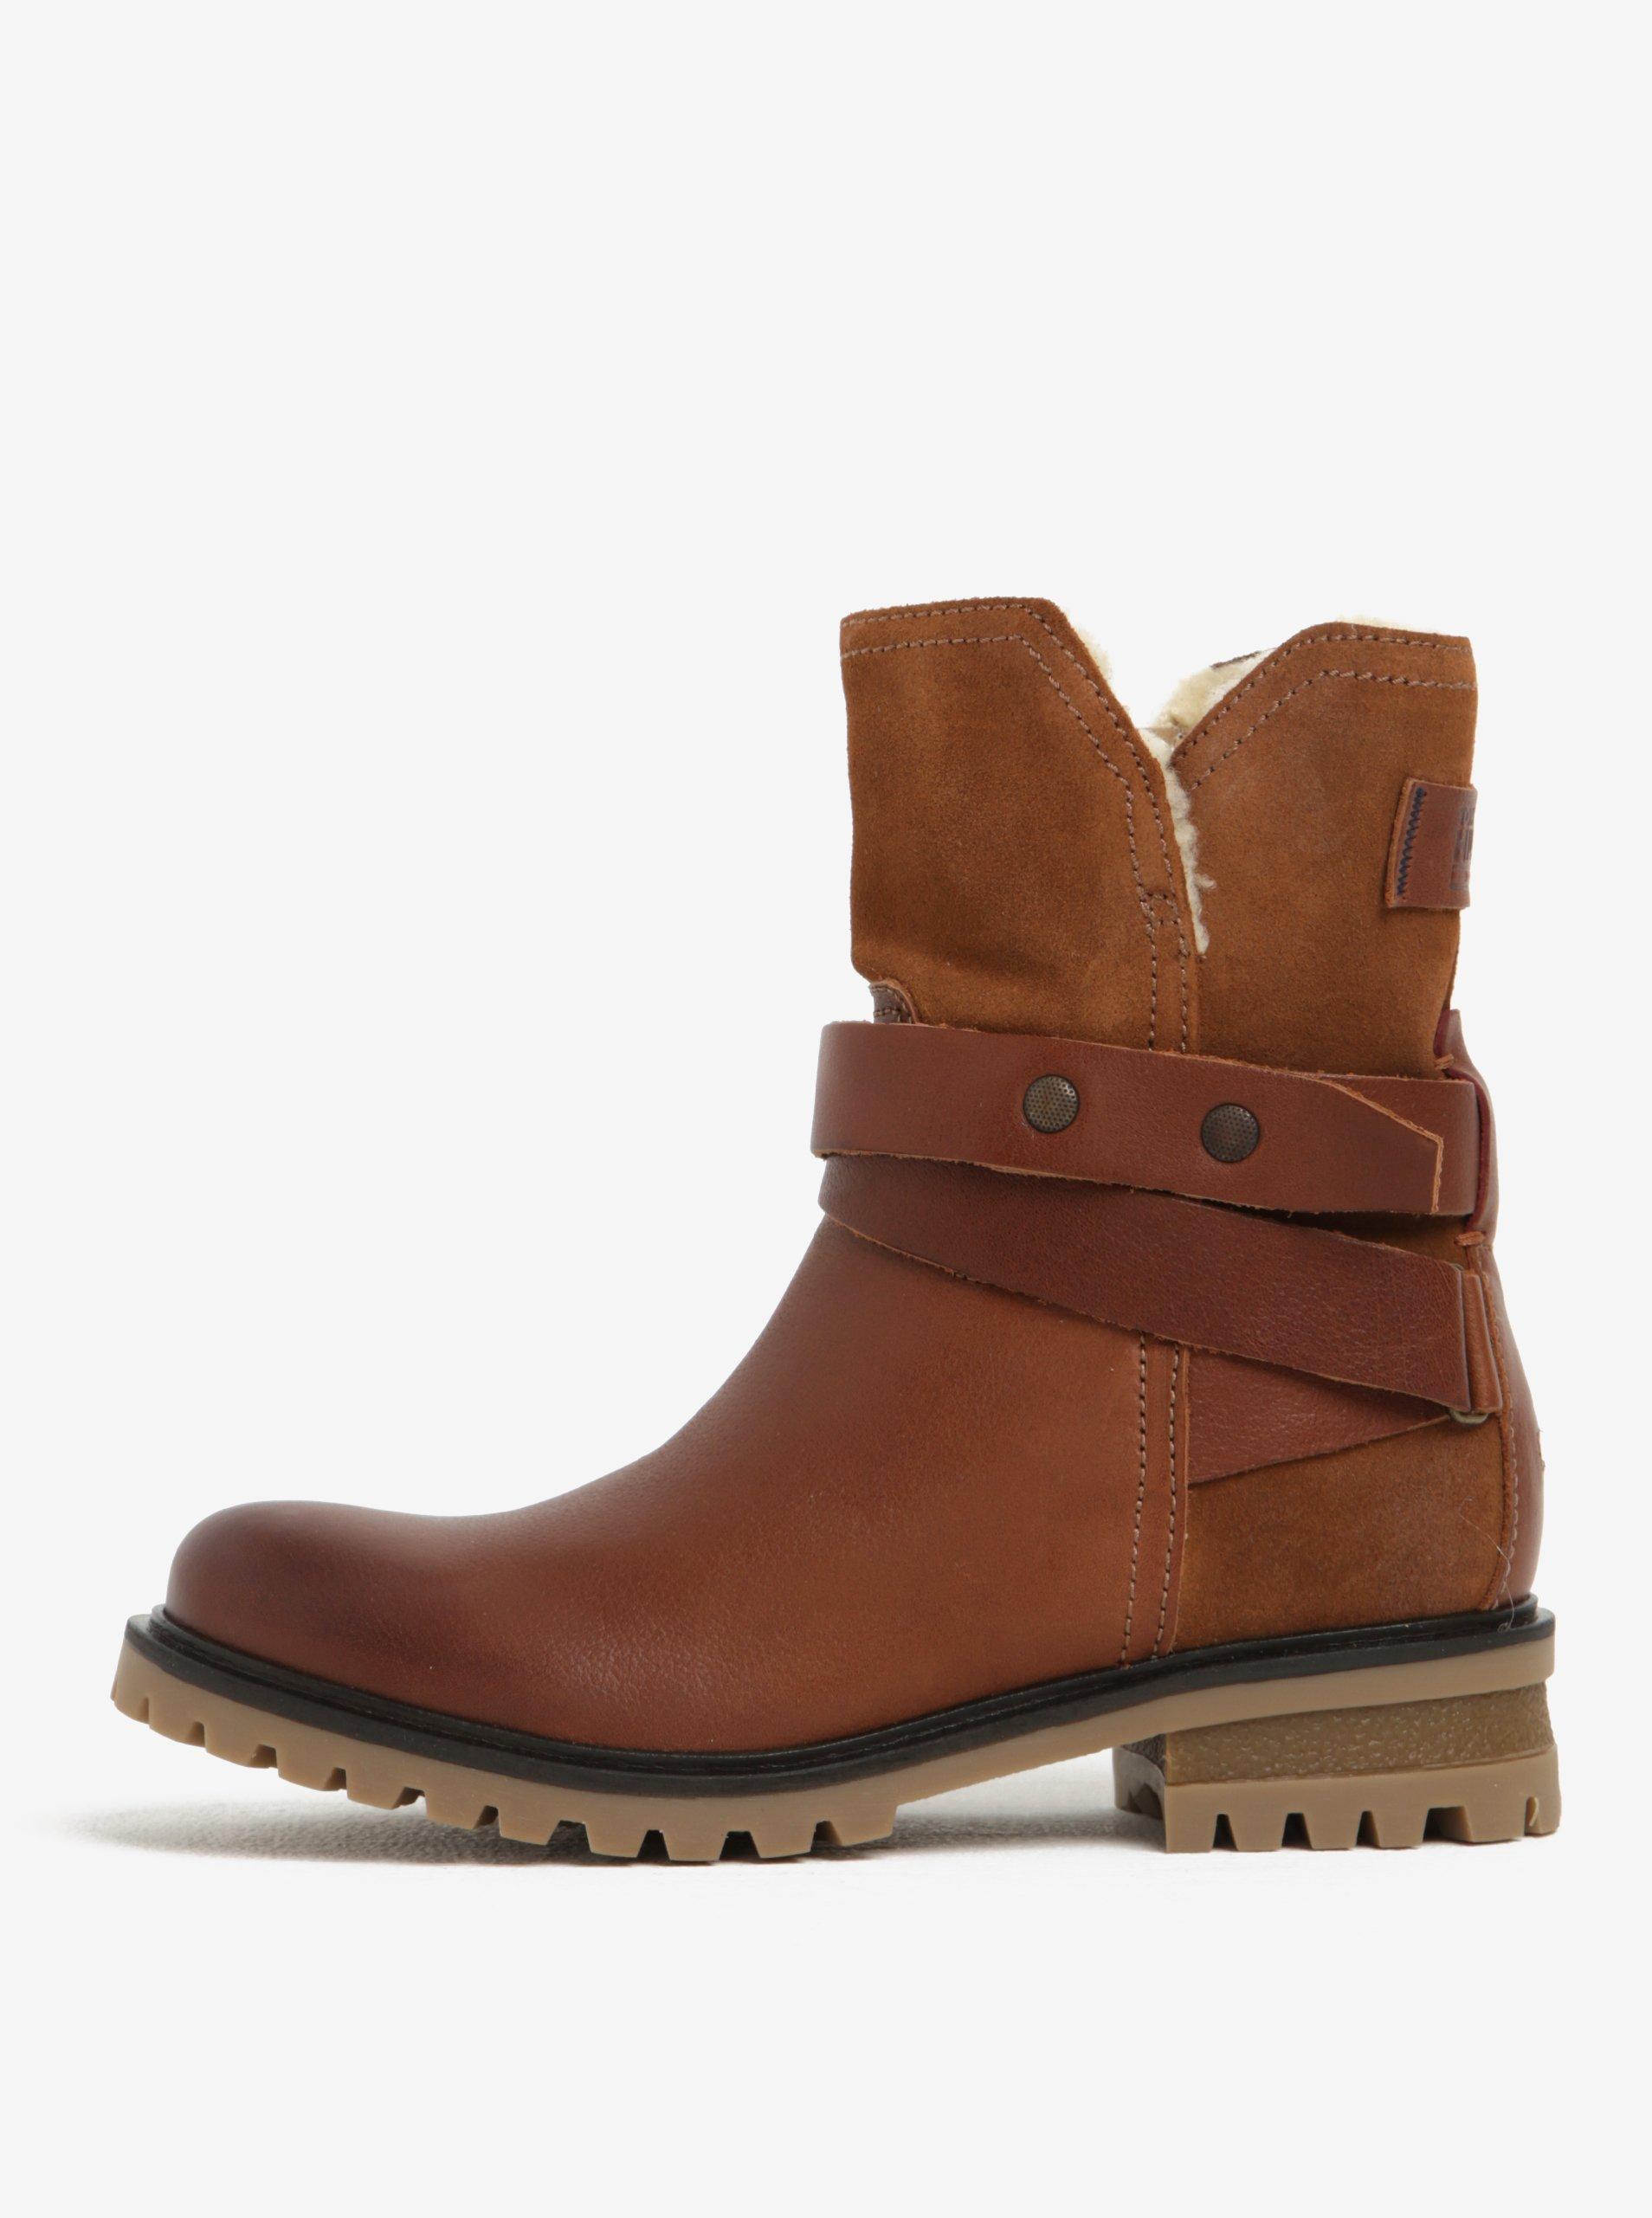 6a316c5a32 Hnedé dámske kožené členkové topánky s umelým kožúškom Tommy Hilfiger Corey